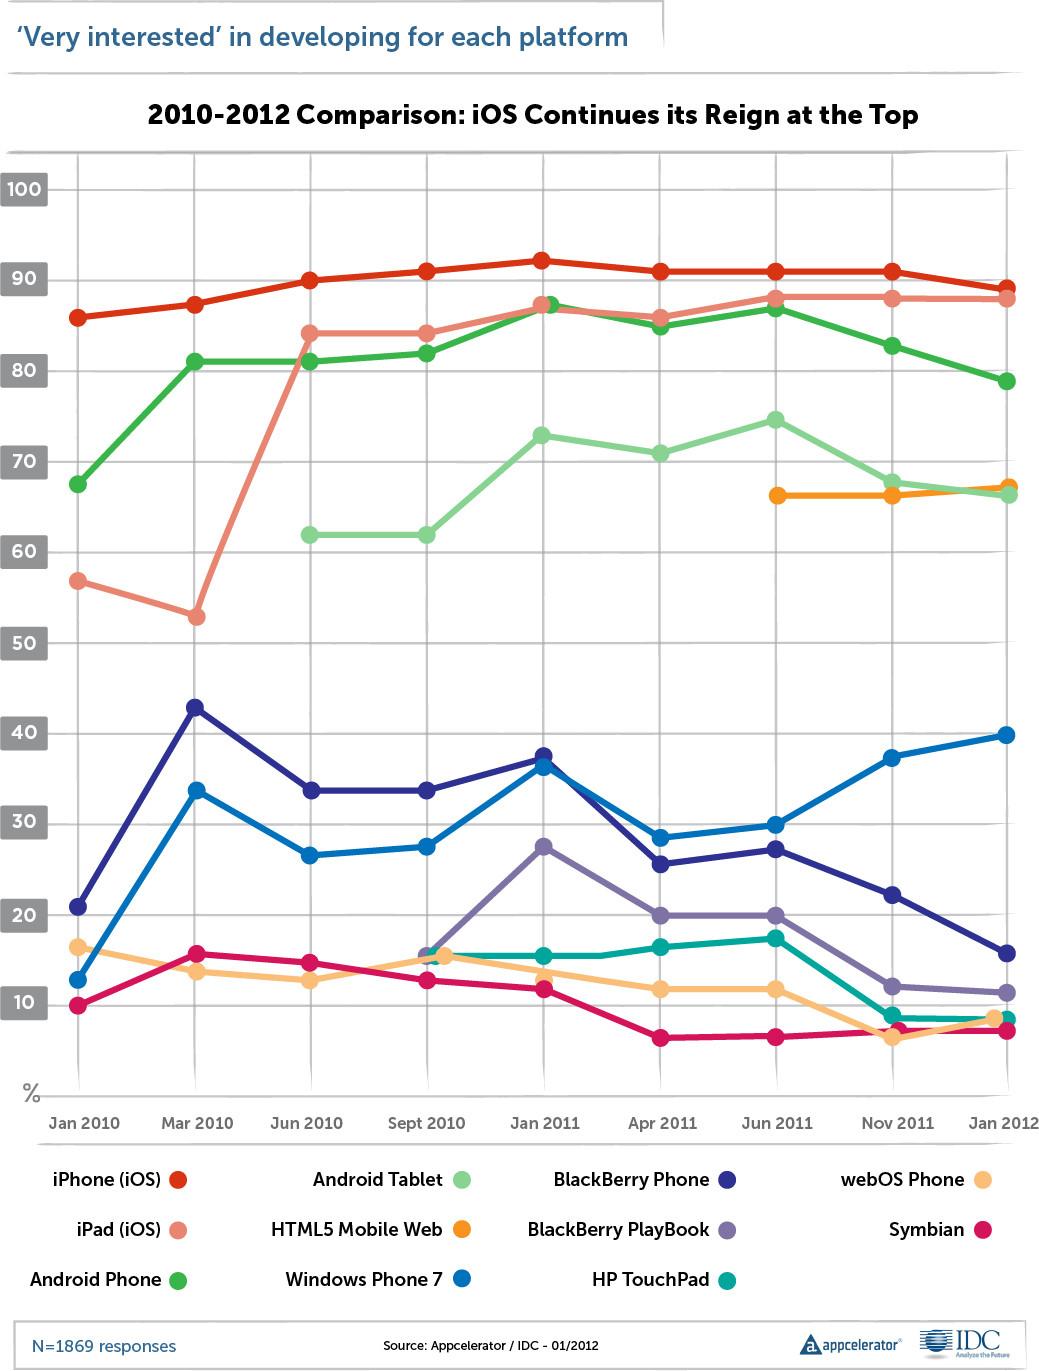 Популярность HTML5 среди разработчиков мобильных приложений выросла, а Android все еще мешает фрагментация